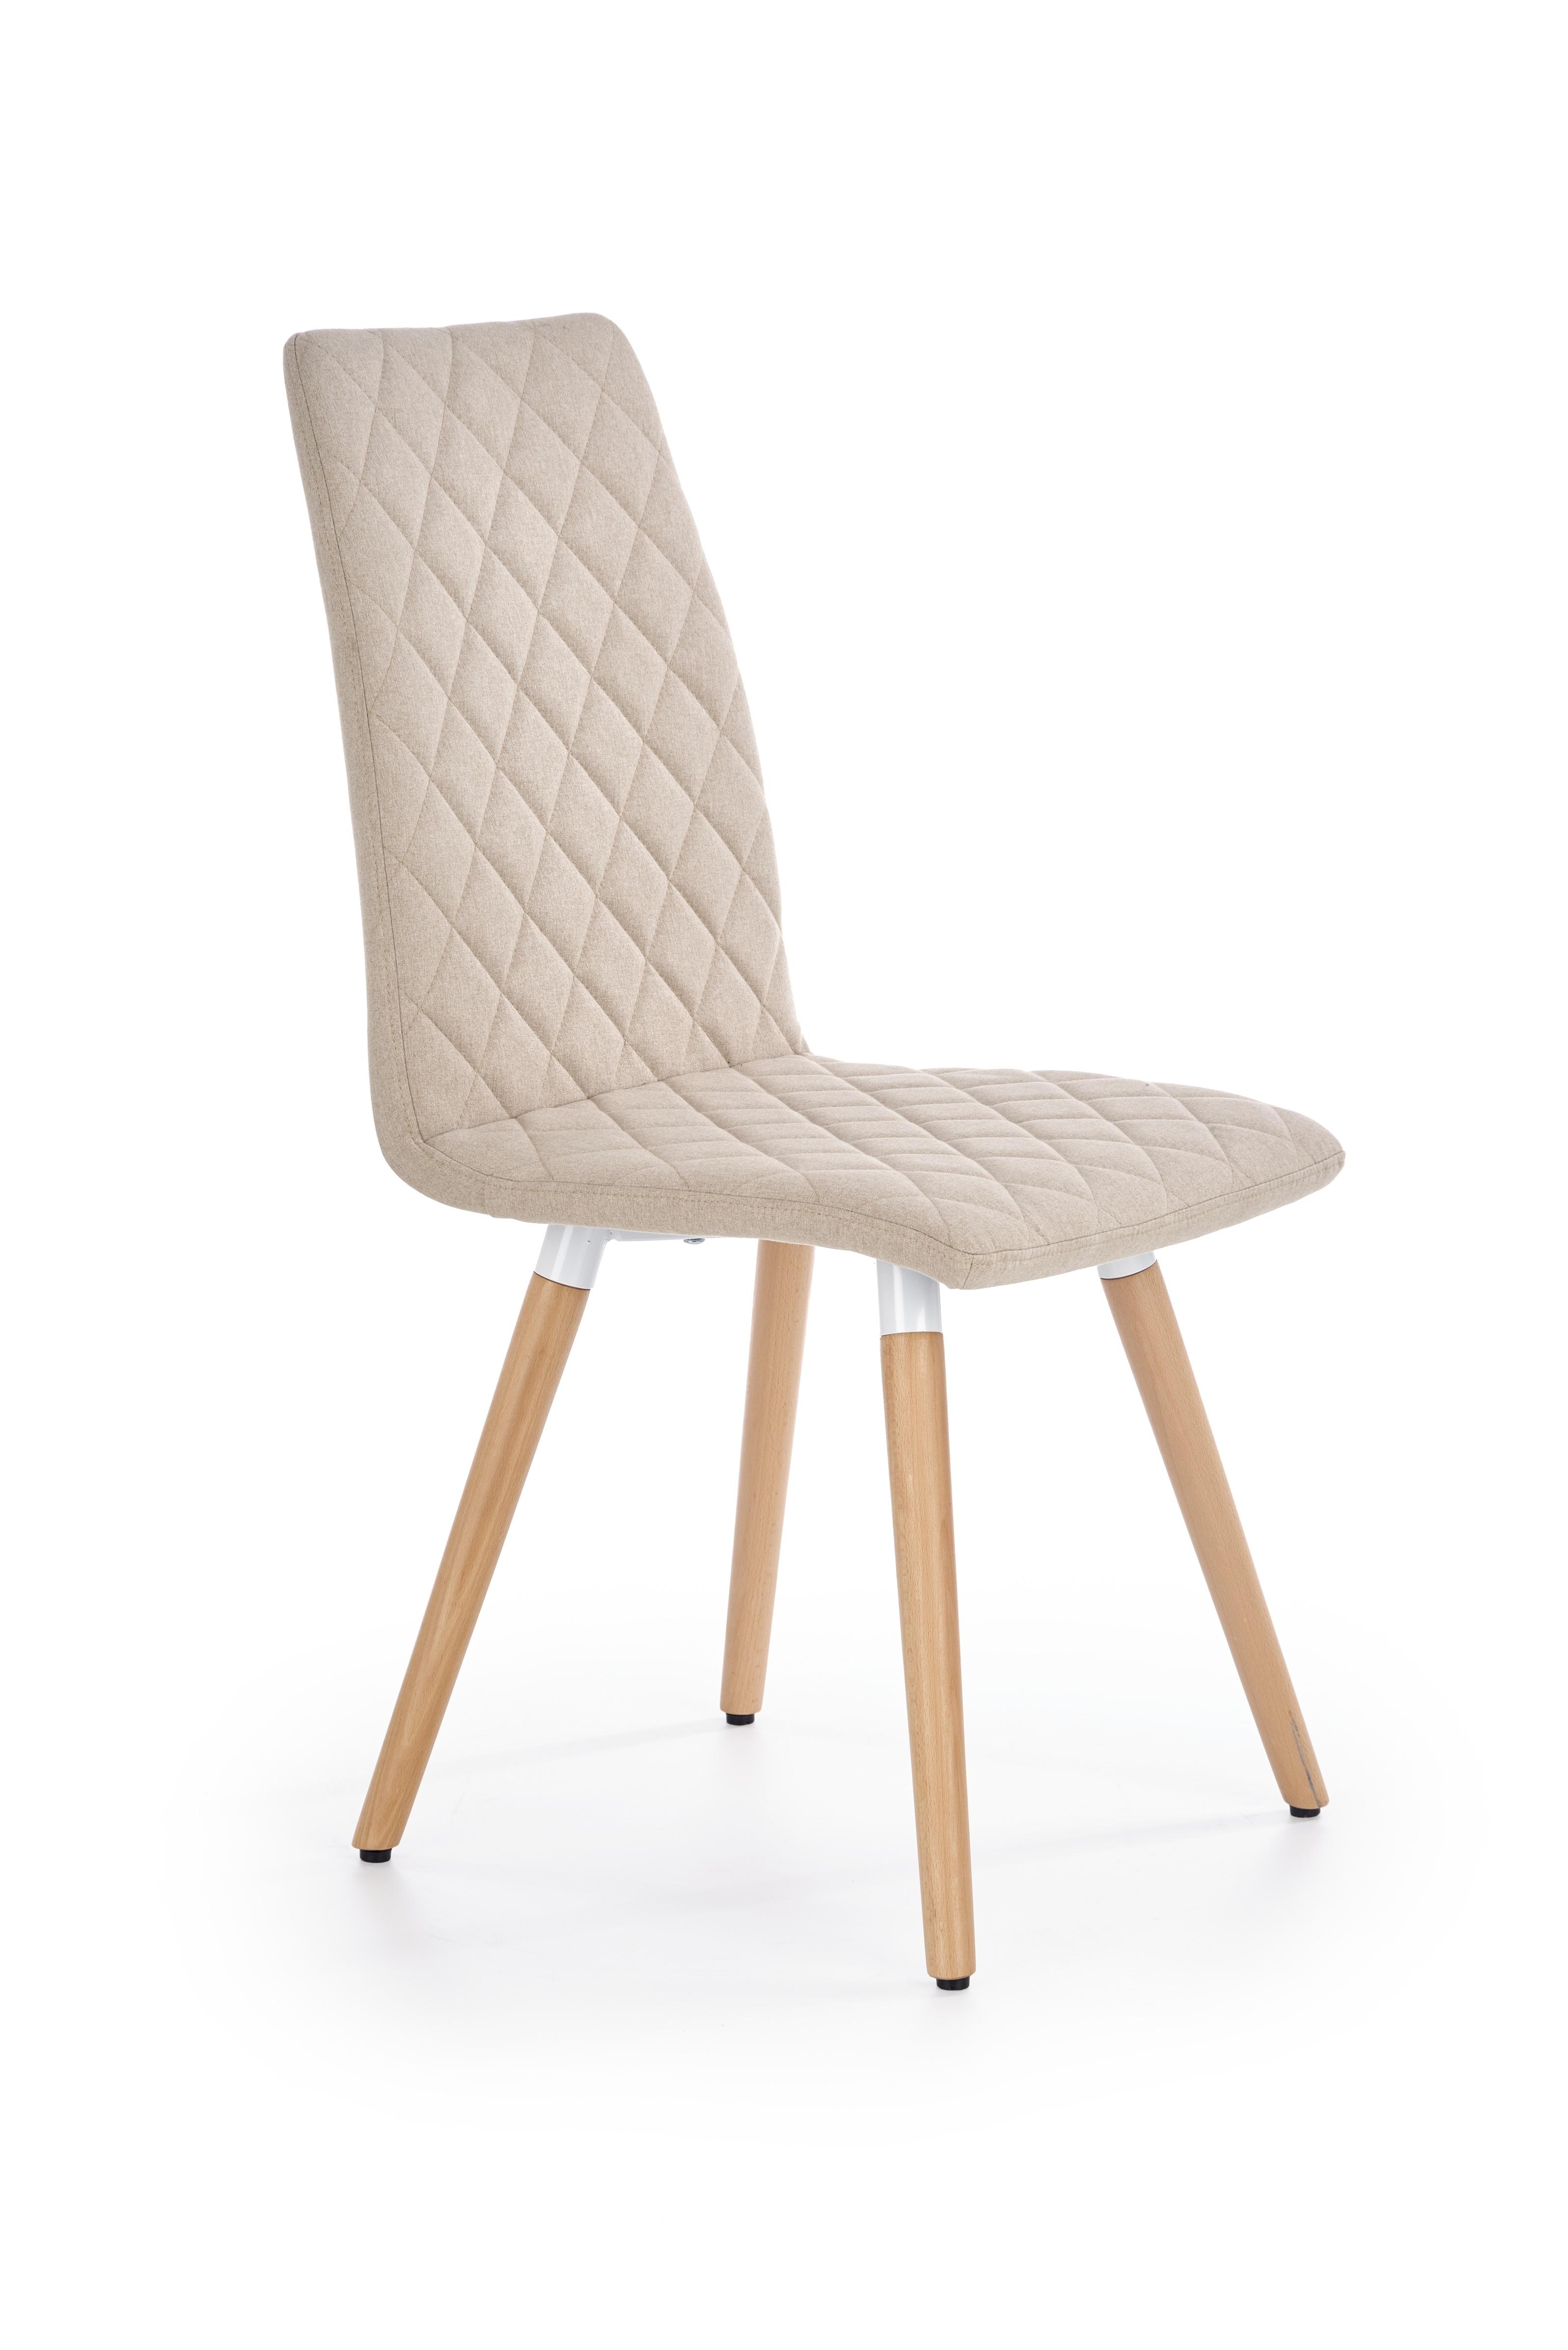 Scaun tapitat cu stofa, cu picioare din lemn K282 Beige, l56xA44xH93 cm